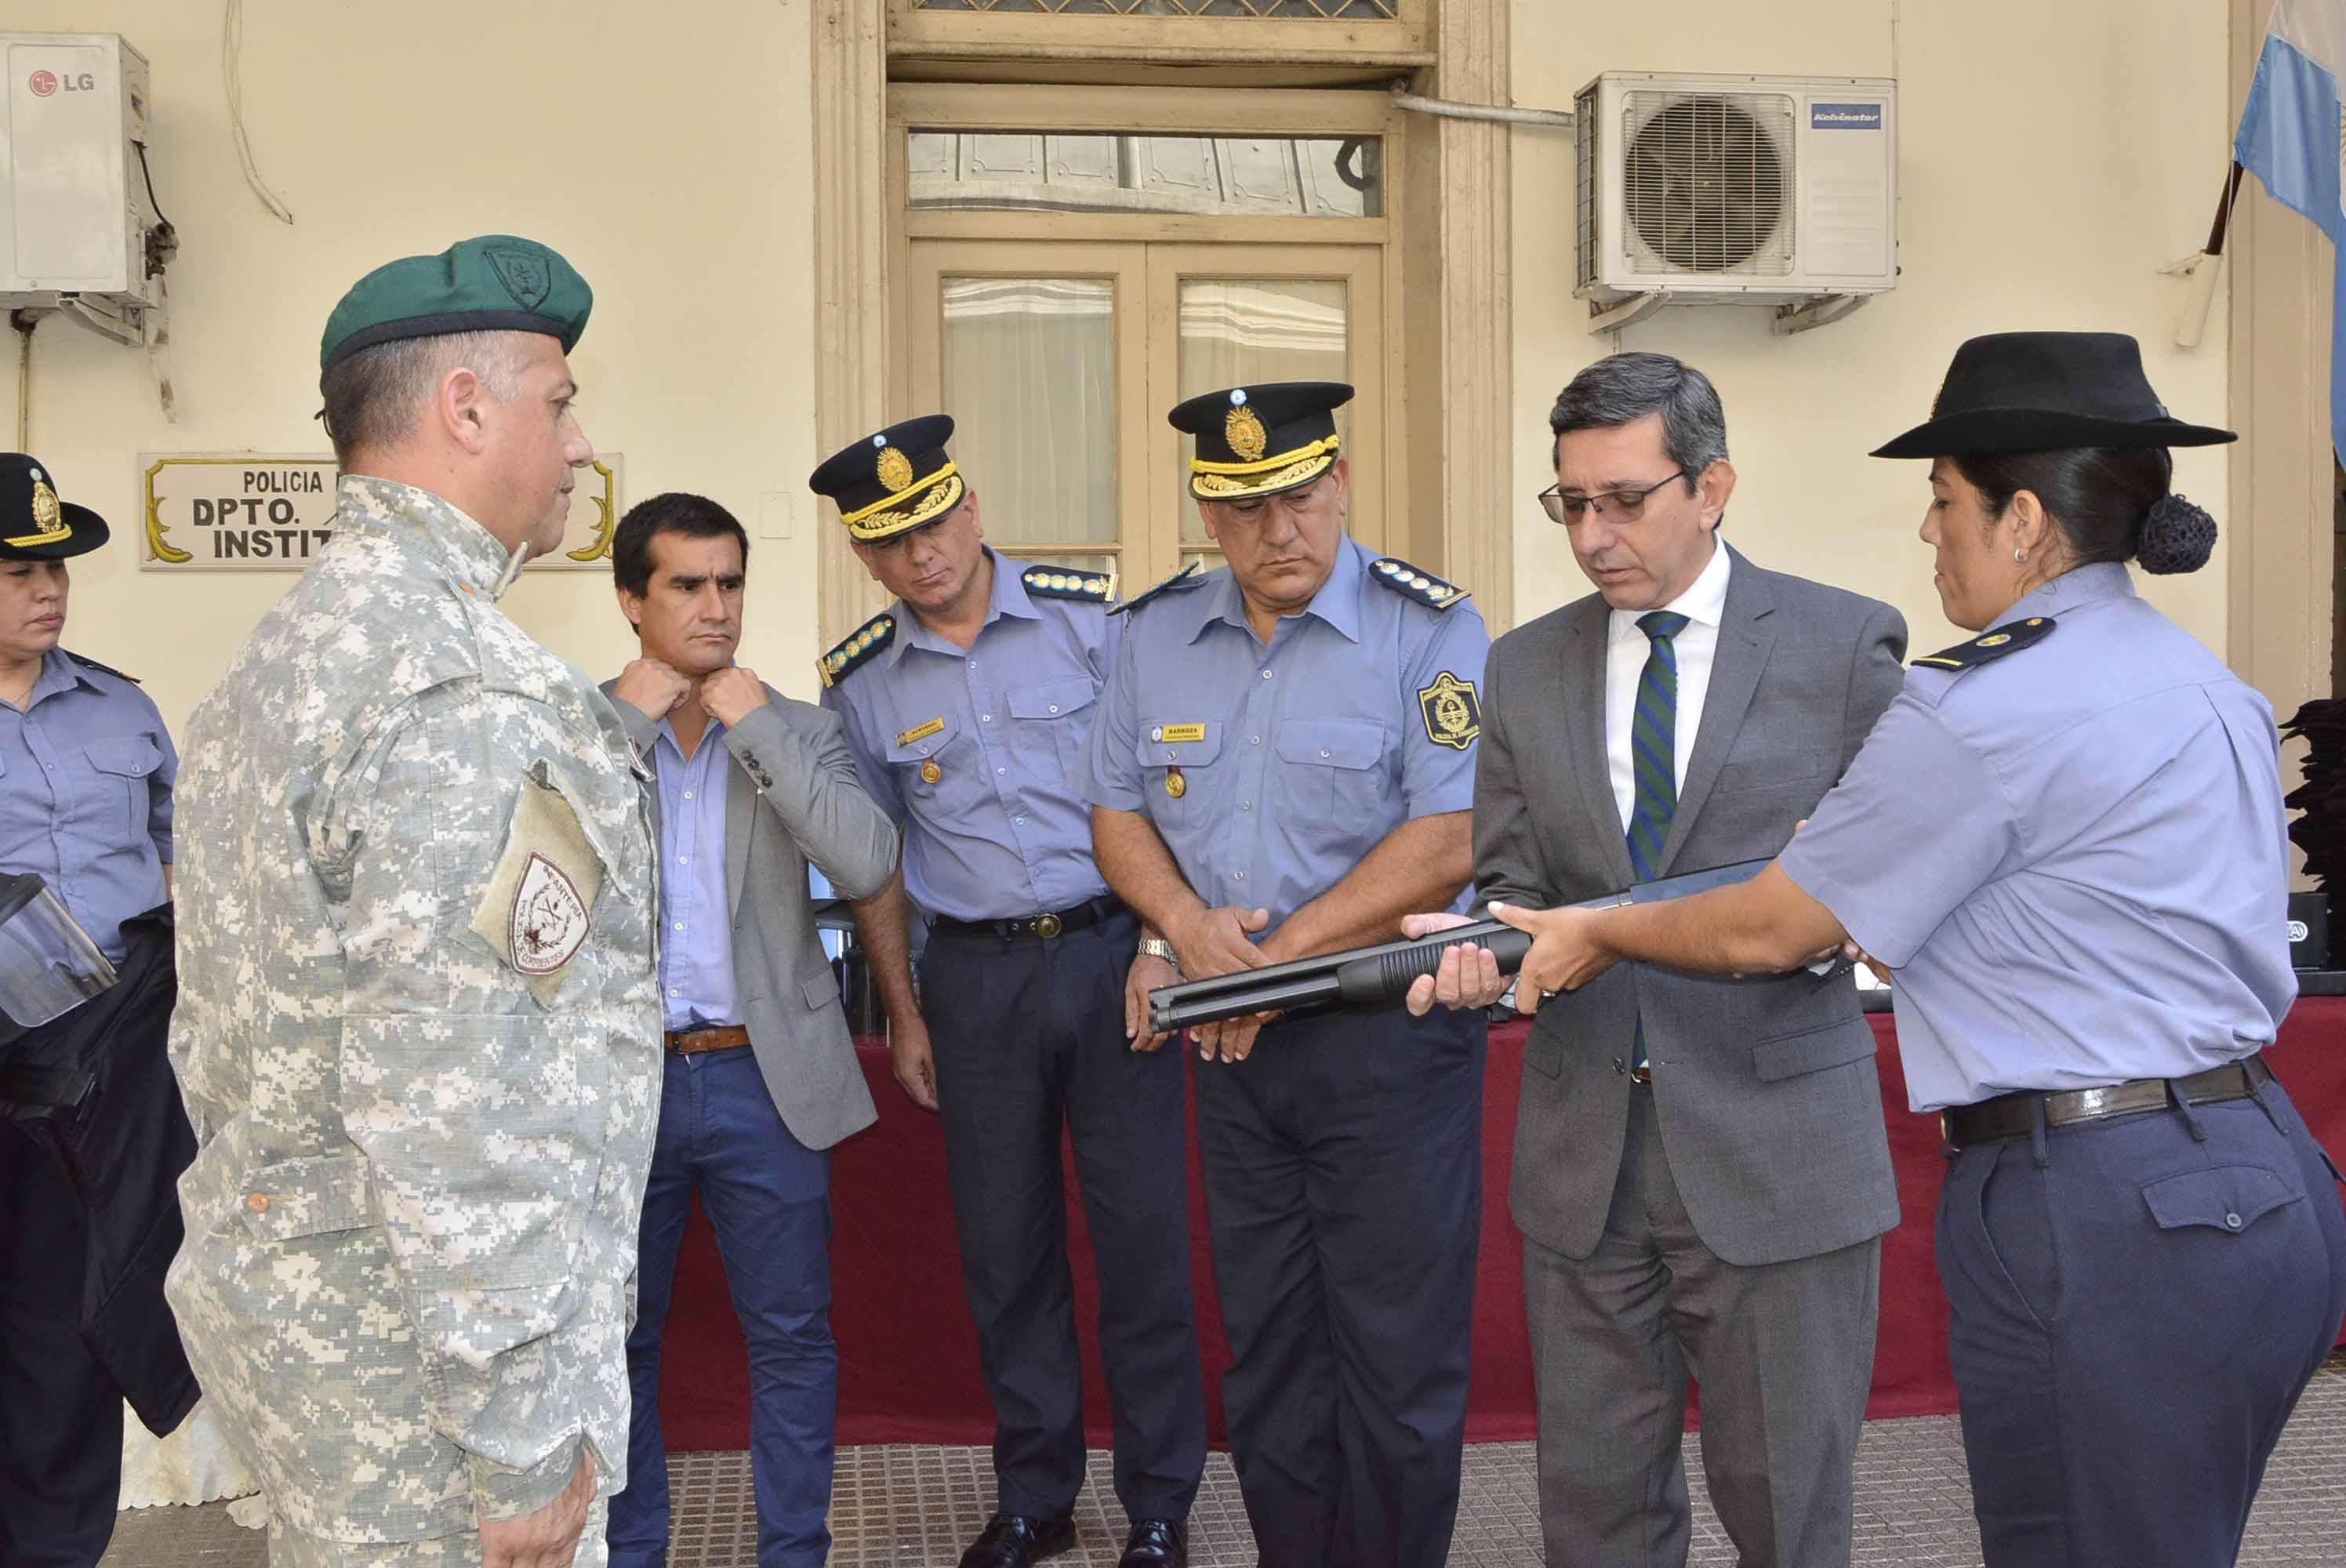 En pos de garantizar la seguridad de los correntinos, el Gobierno entregó armamento y equipamiento a distintas unidades especiales de la Policía